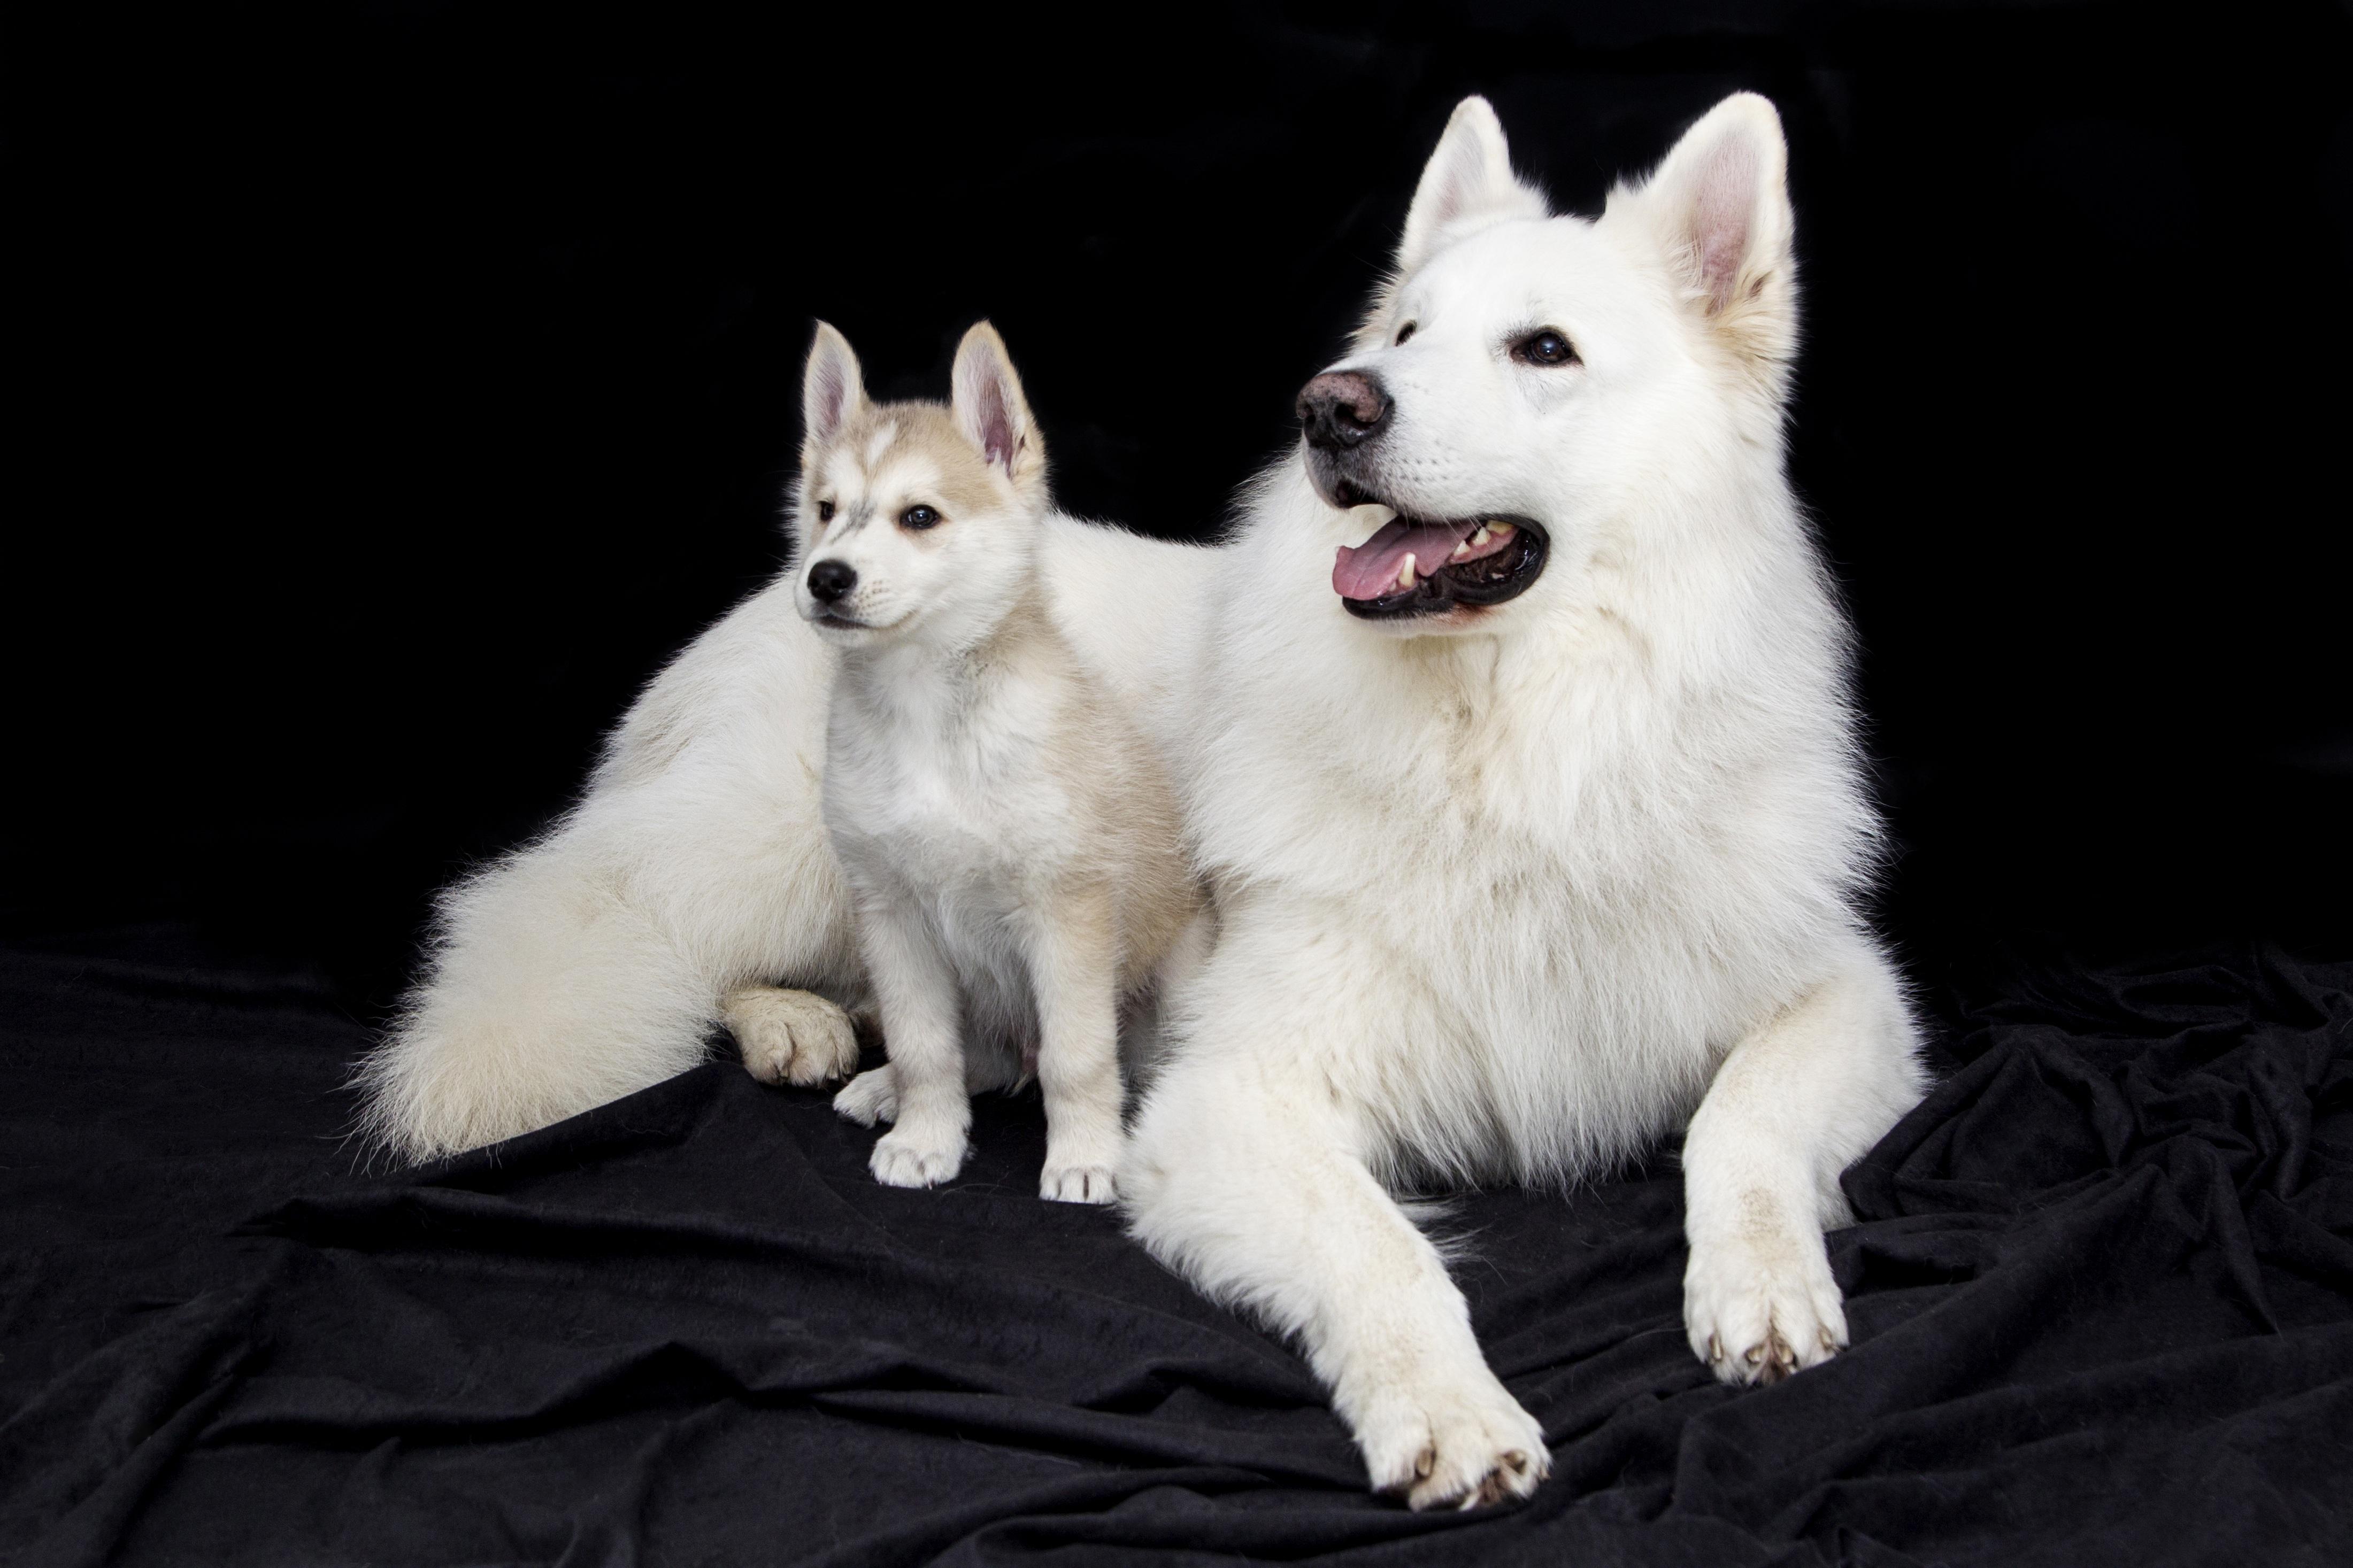 Immagini Belle Dolce Cucciolo Carina Animale Domestico Cani